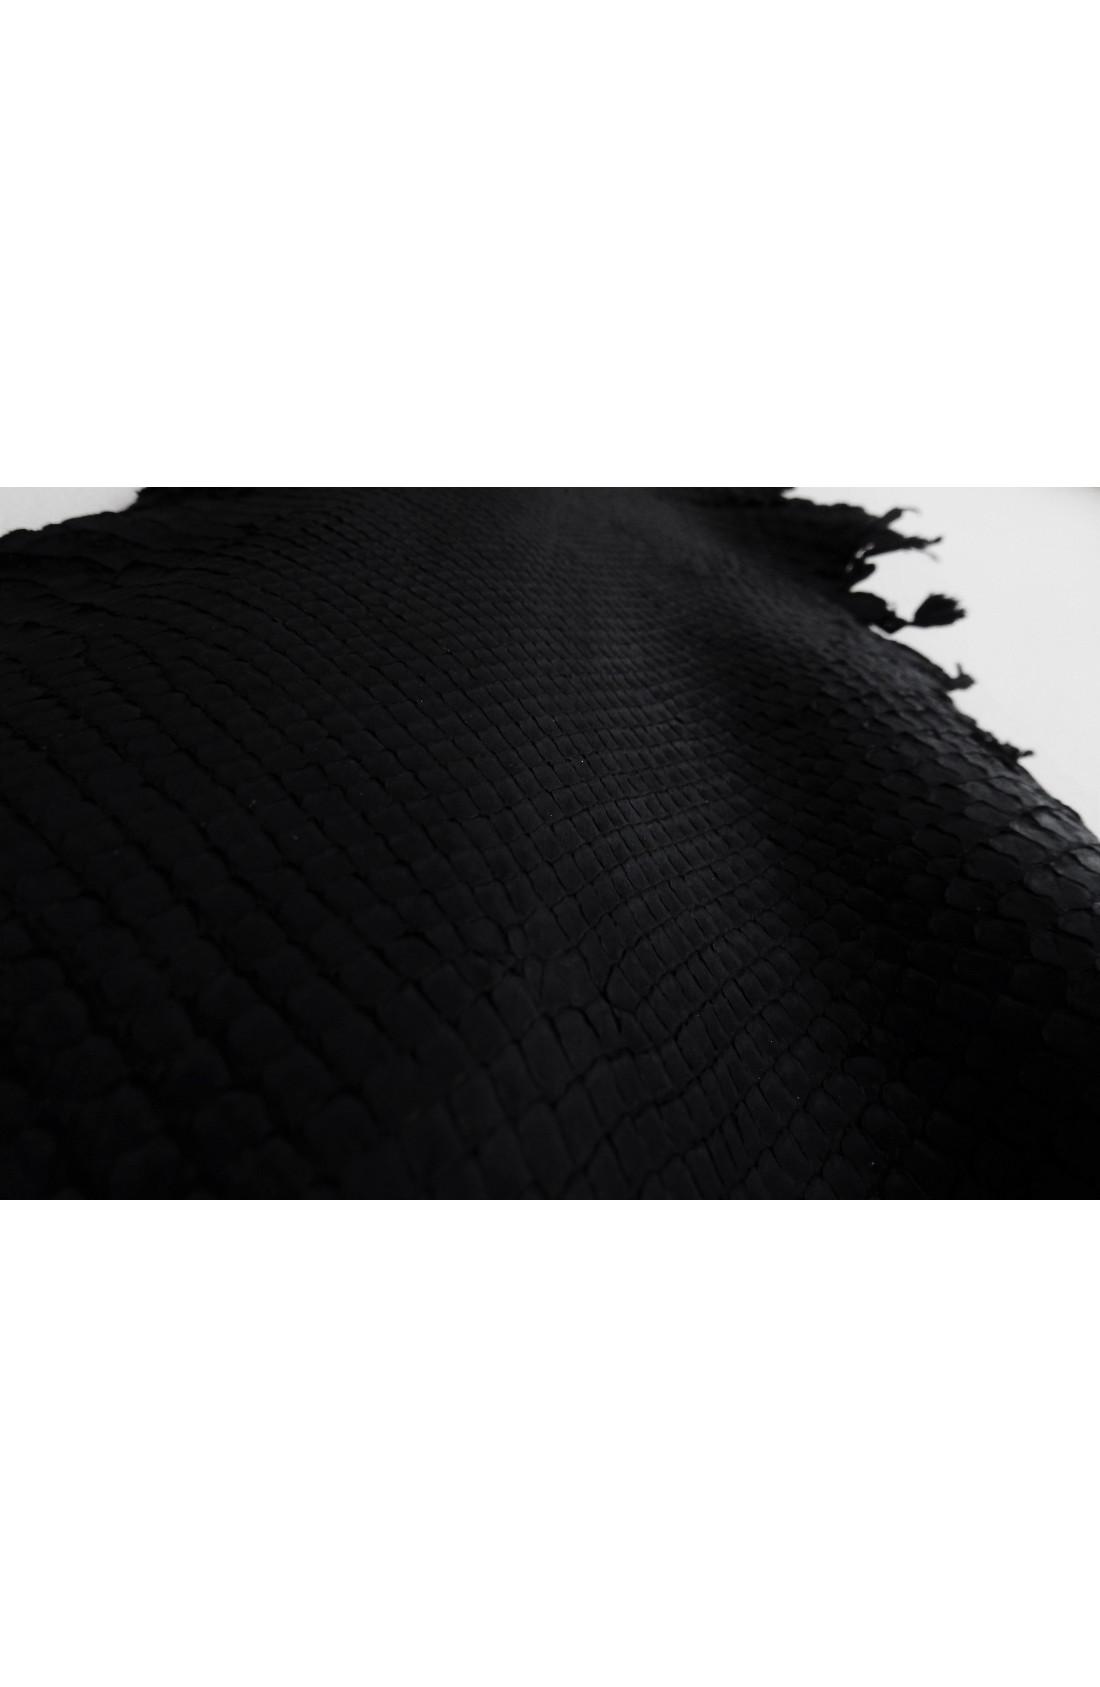 art. 22 PITONE VERO opaco decolorato smerigliato var.1 nero (2)